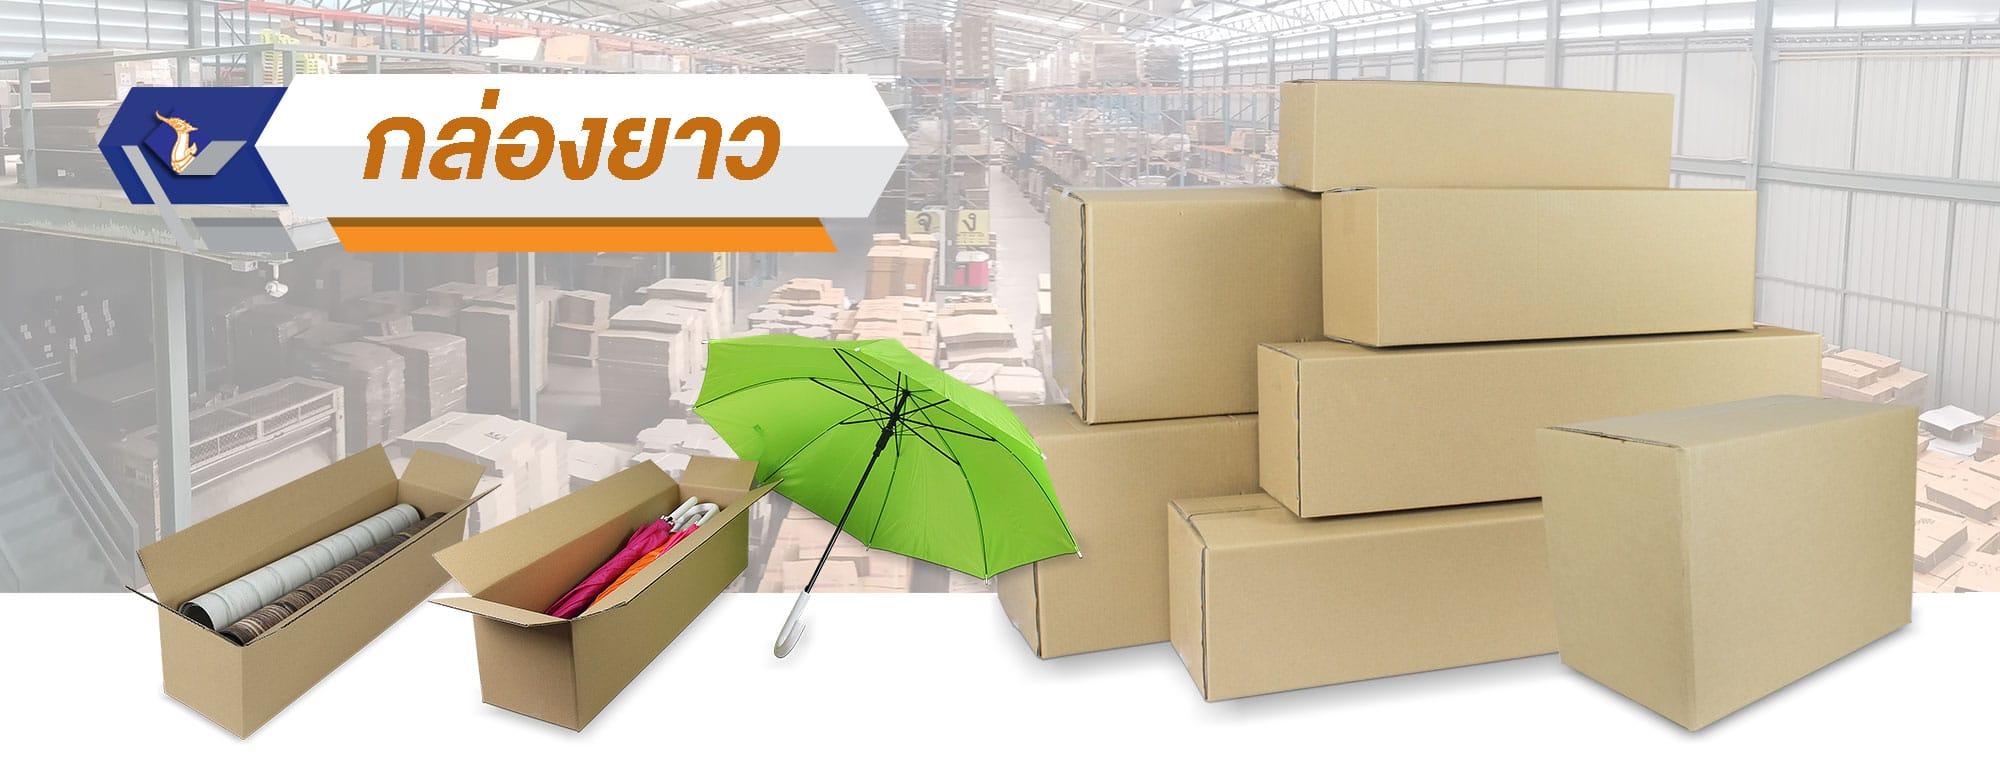 กล่องยาว-กล่องกระดาษลูกฟูก-banner-2